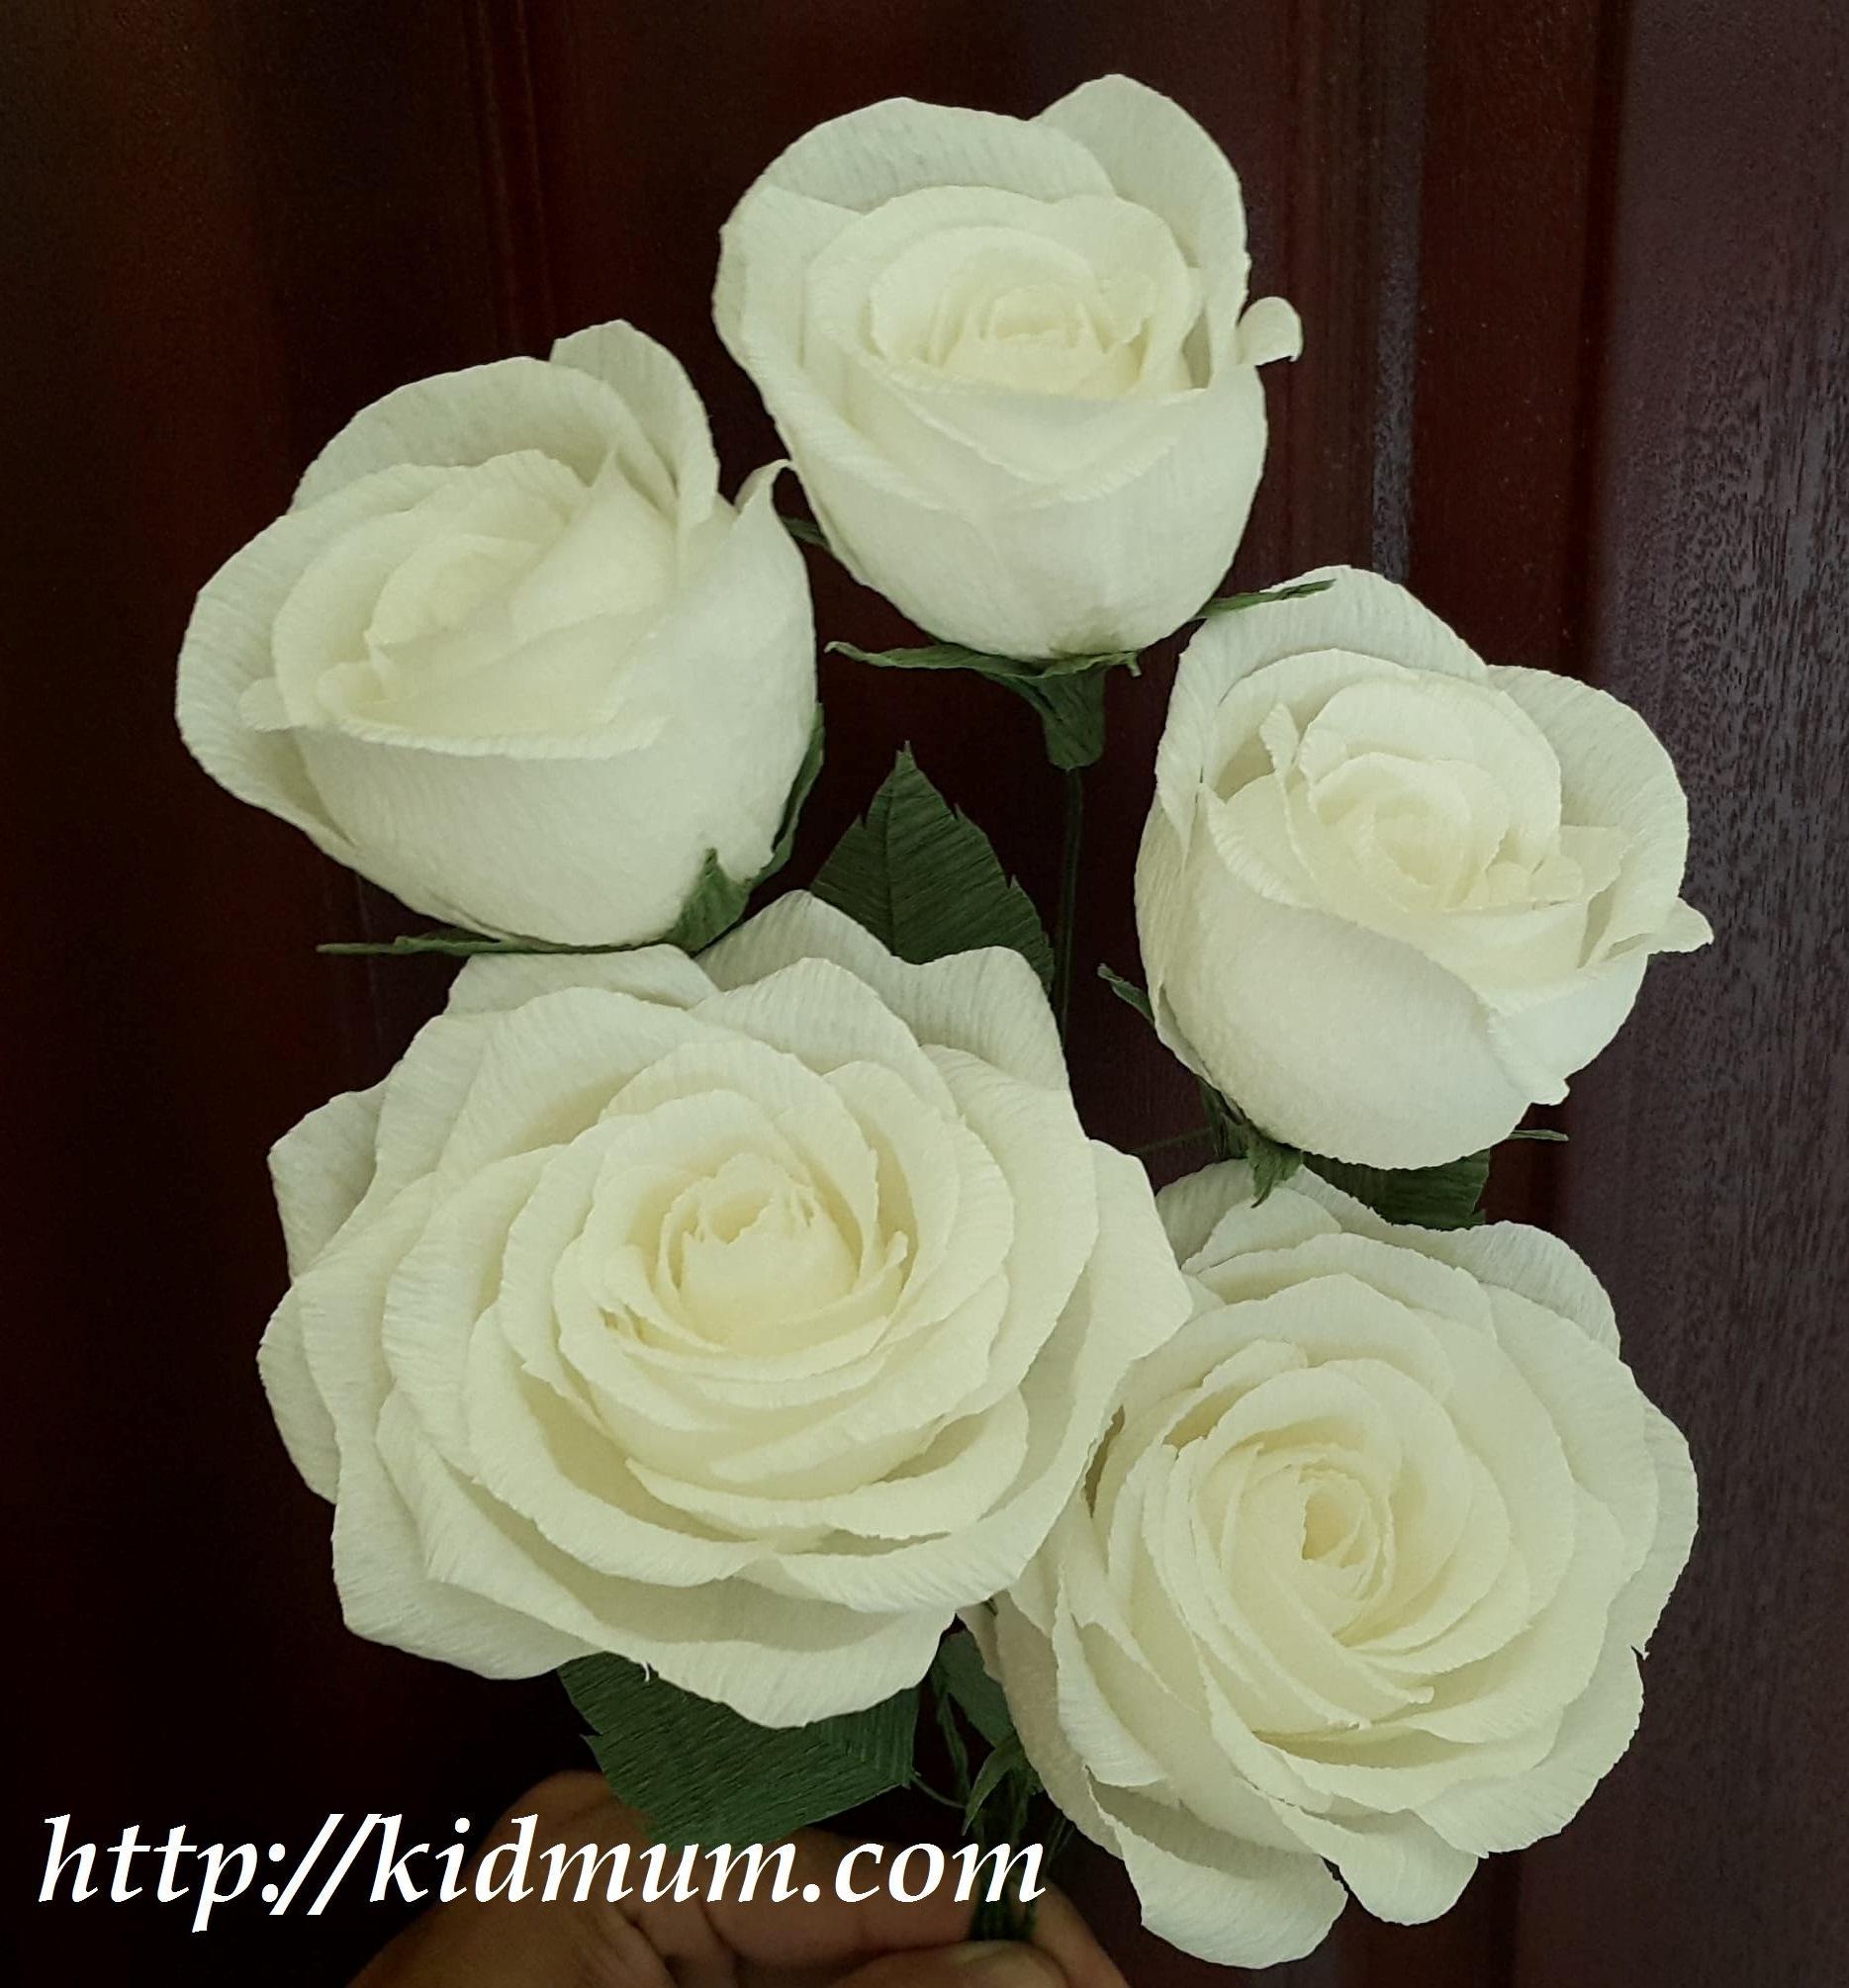 5 cành hồng giấy nhún Ý cao cấp, màu tùy ý, đầy đủ cành, lá bằng kẽm có thể uốn tùy chỉnh - handmade